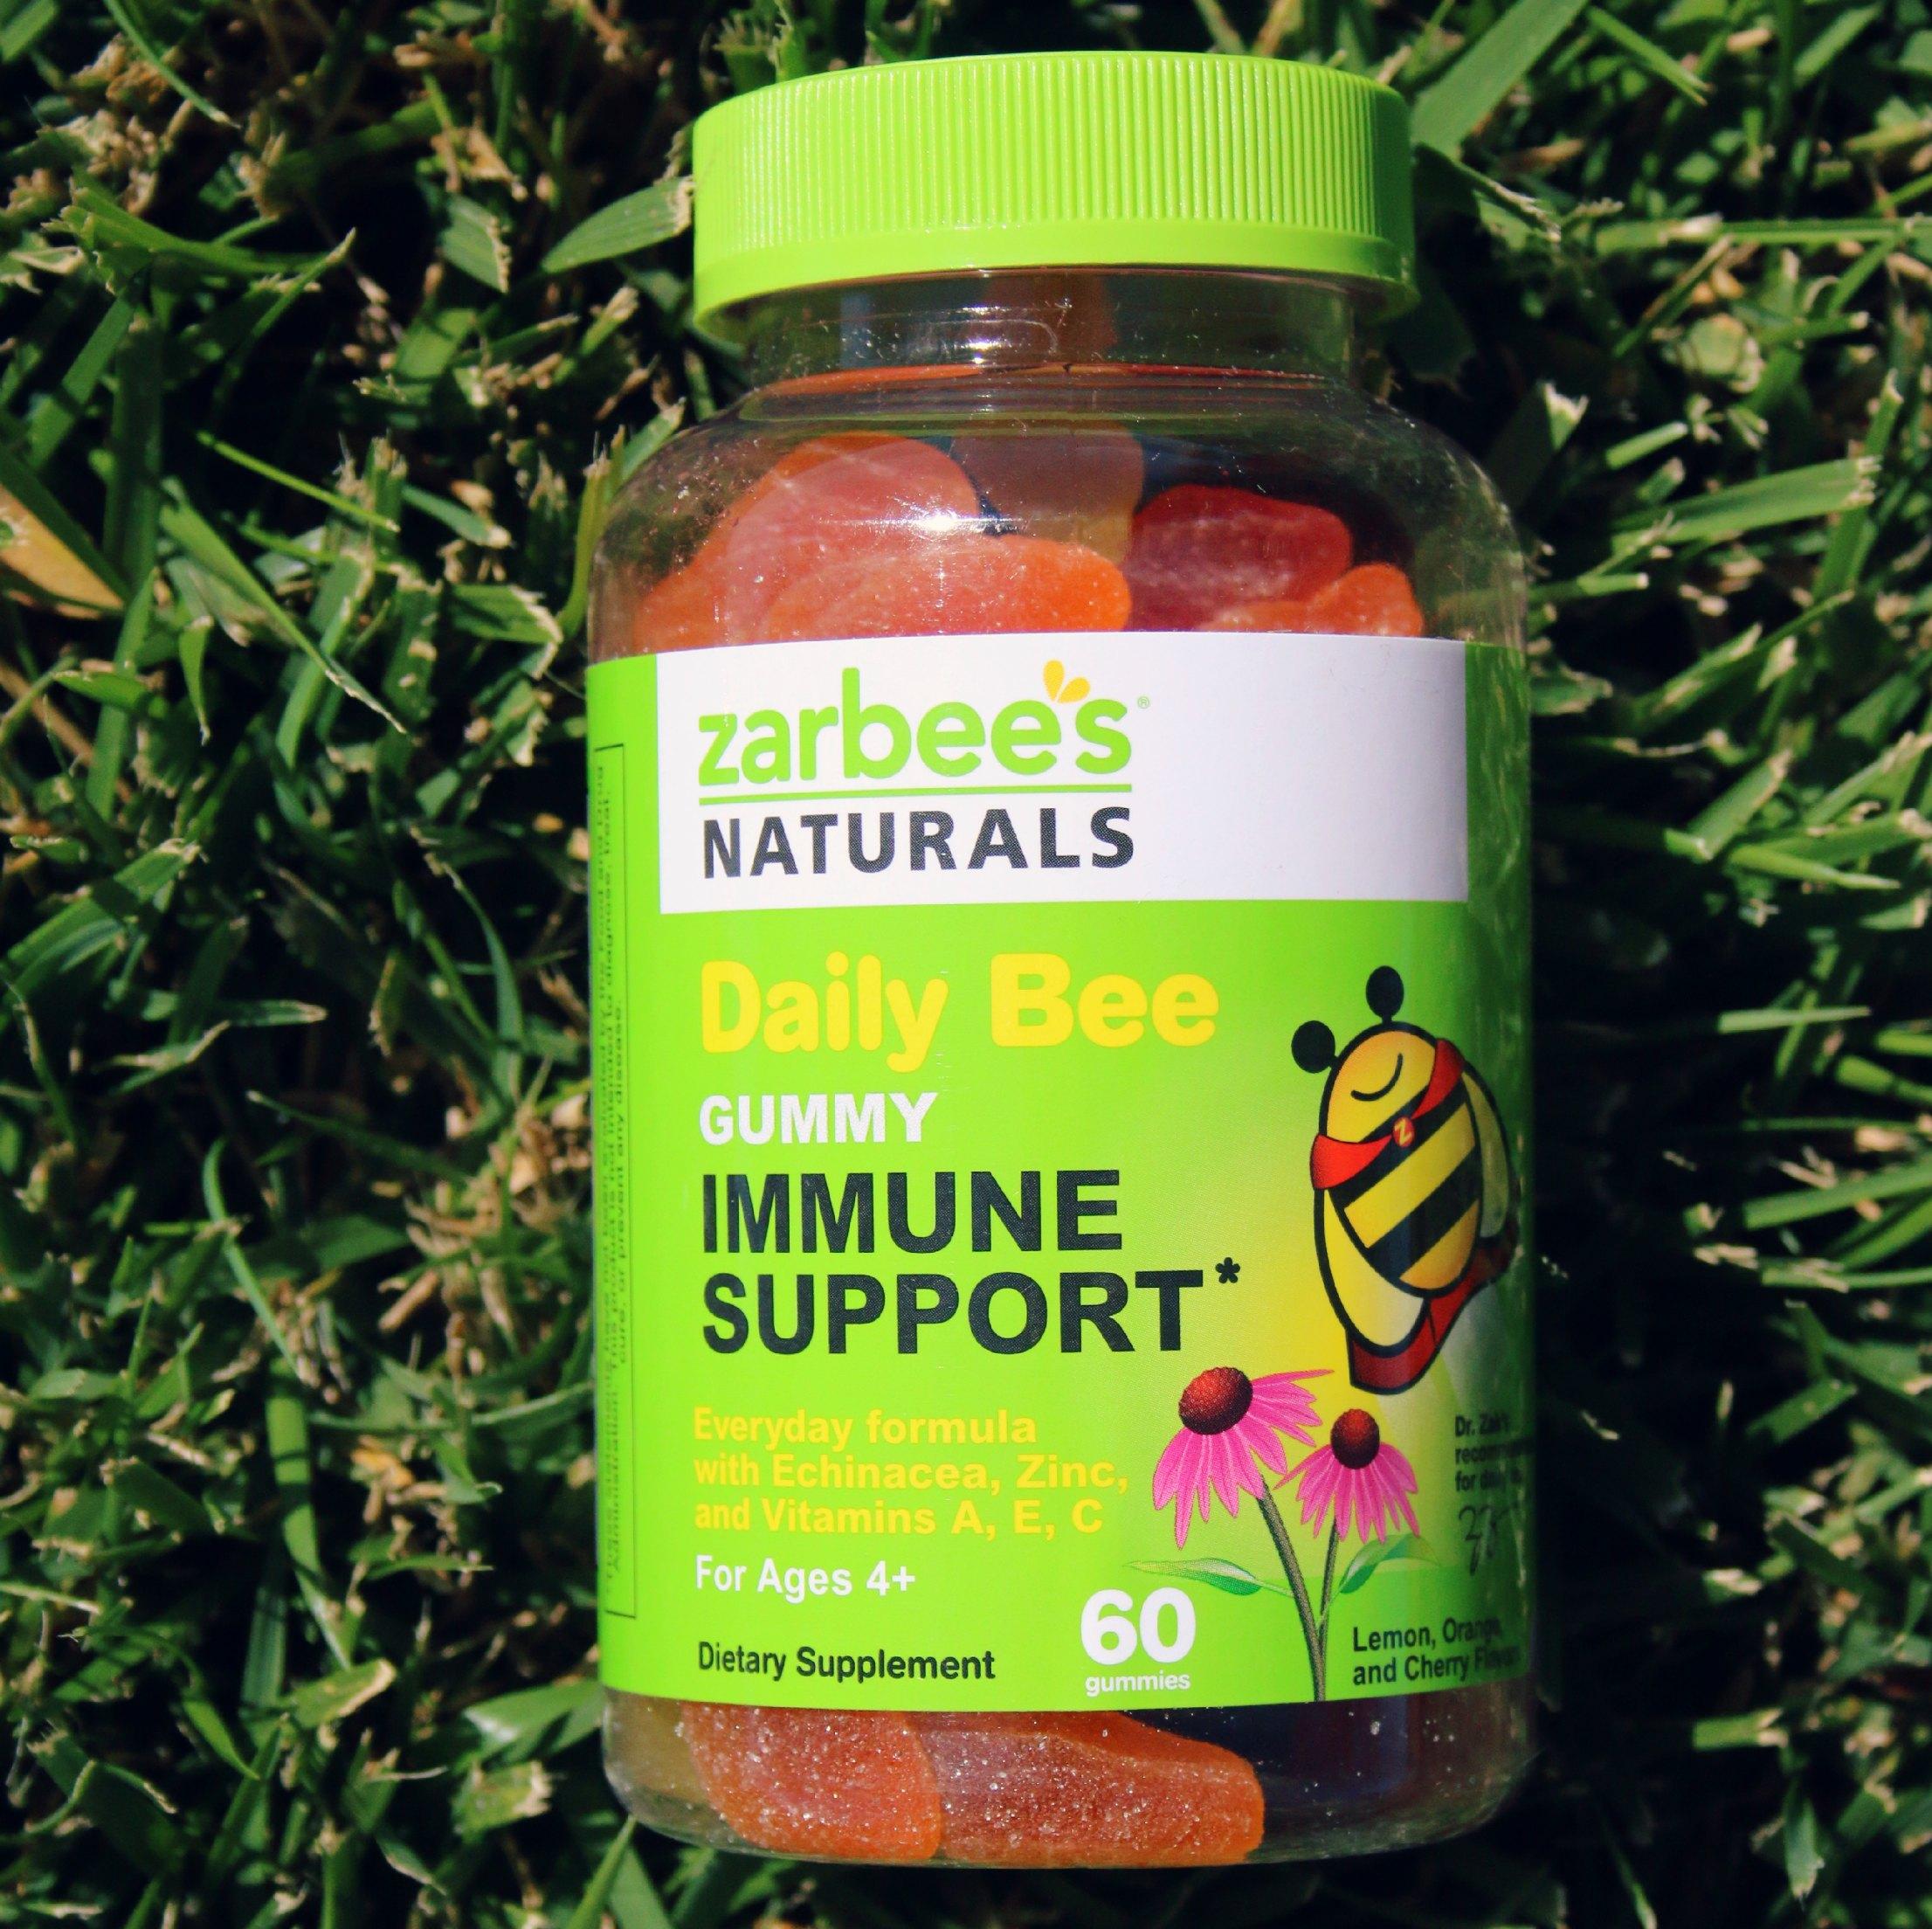 gummy immune support